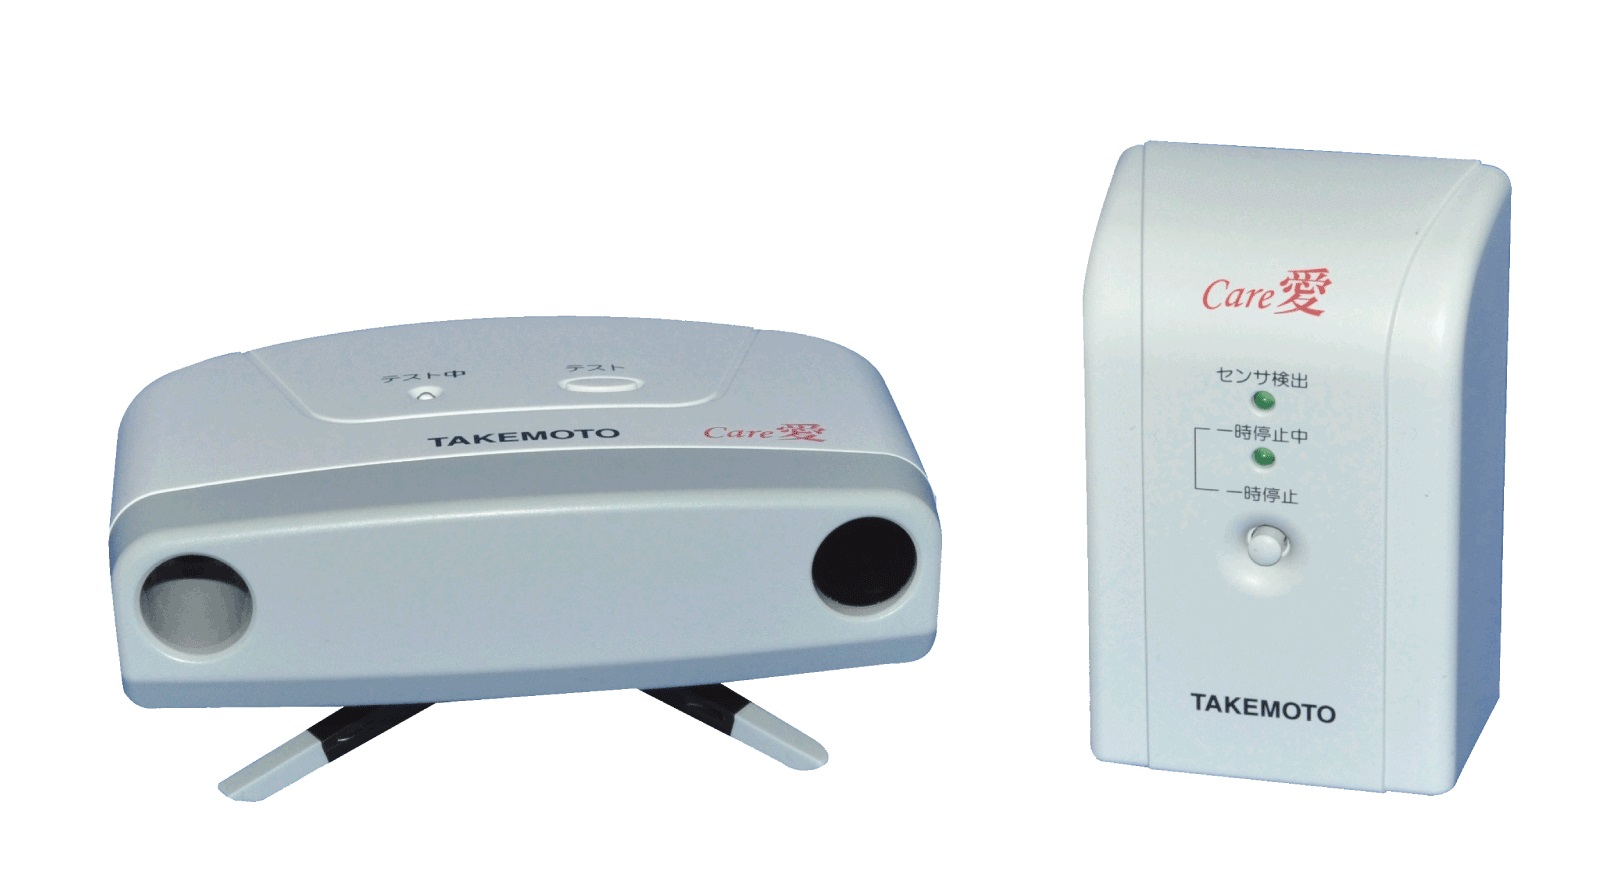 「大阪府 介護ロボット導入活用支援事業」を活用し、ナースコール連動型の超音波センサーを導入!!